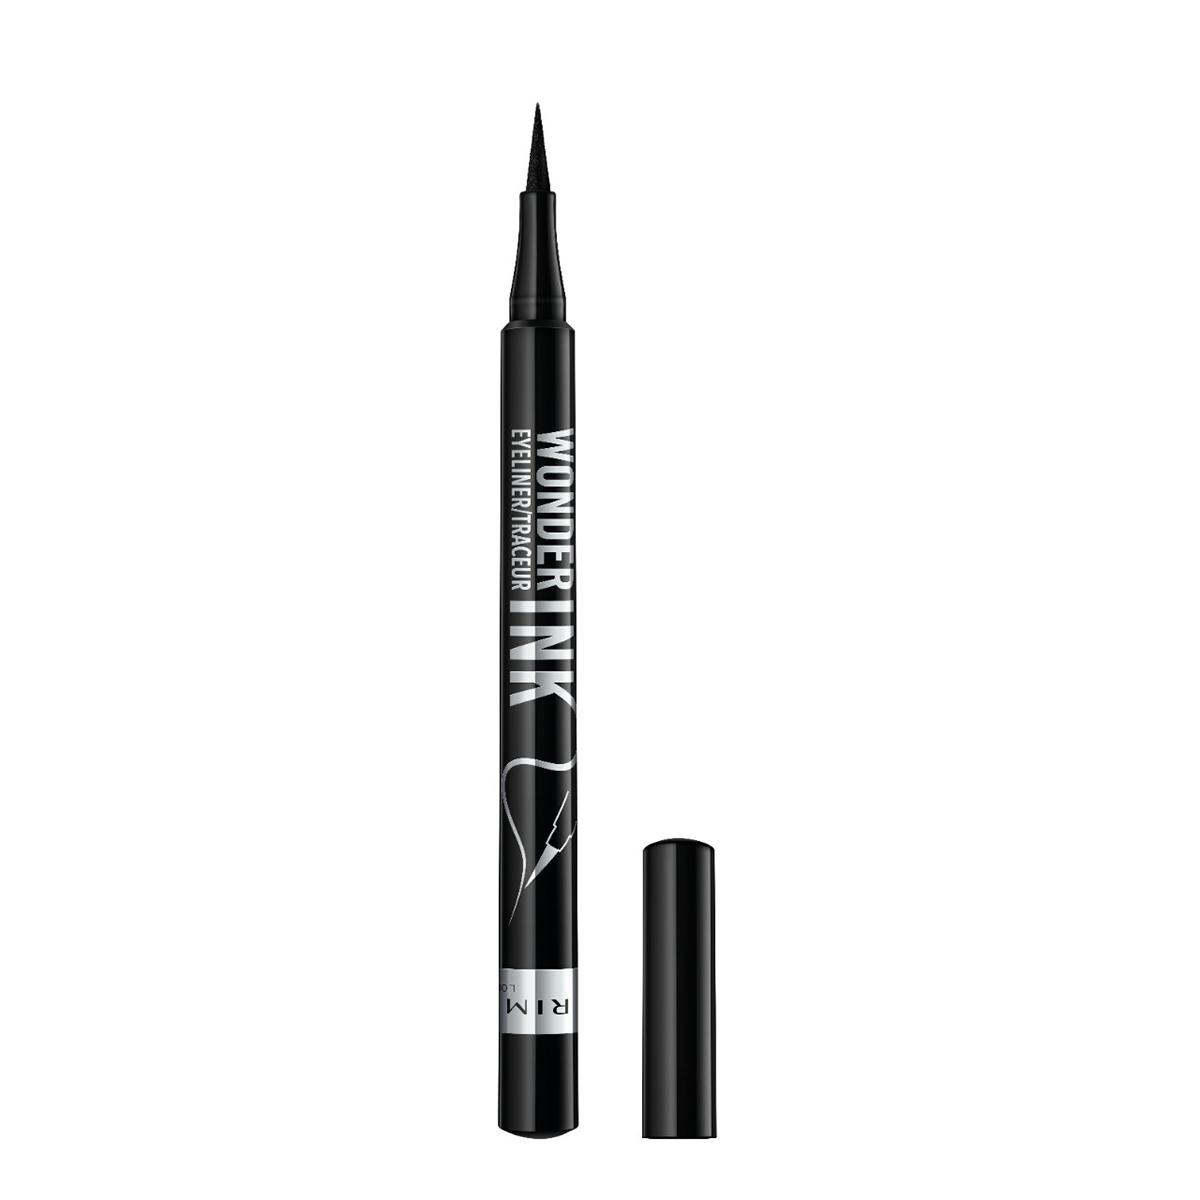 Rimmel London Wonder'Ink Ultimate Liner in Black with lid off